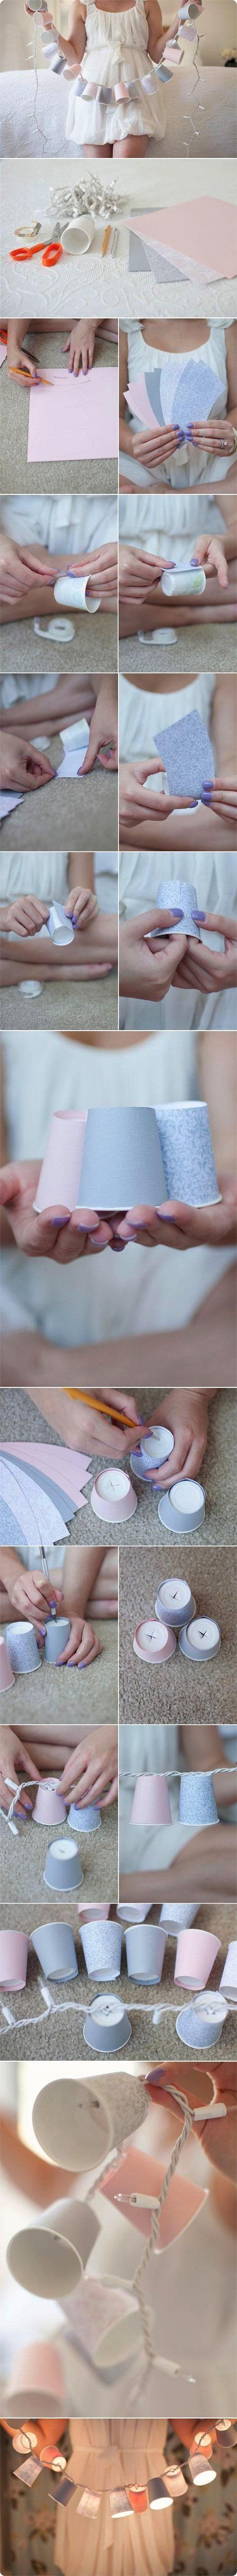 Como hacer una guirnalda con vasos de plastico y luces